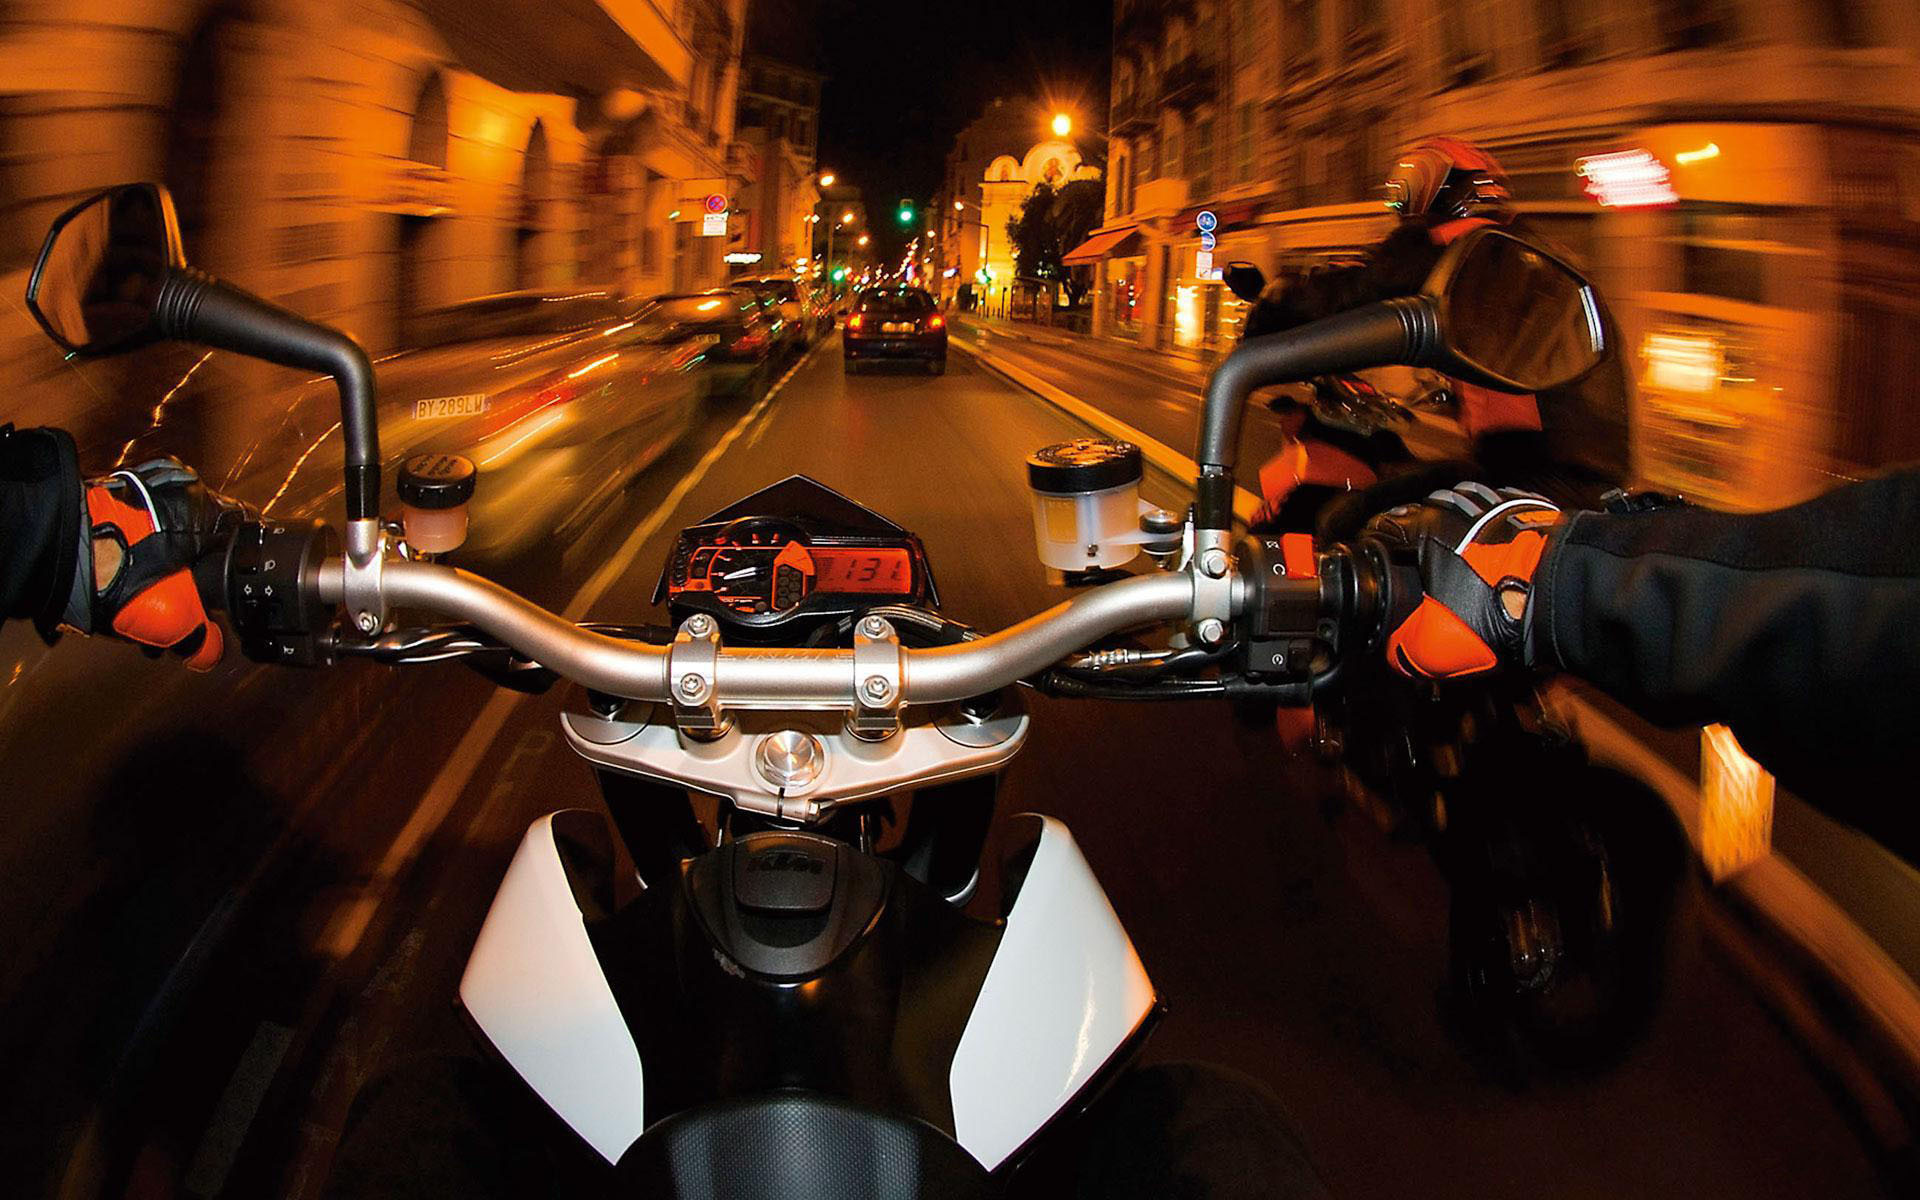 мотоцикл от первого лица дорога  № 16386 загрузить